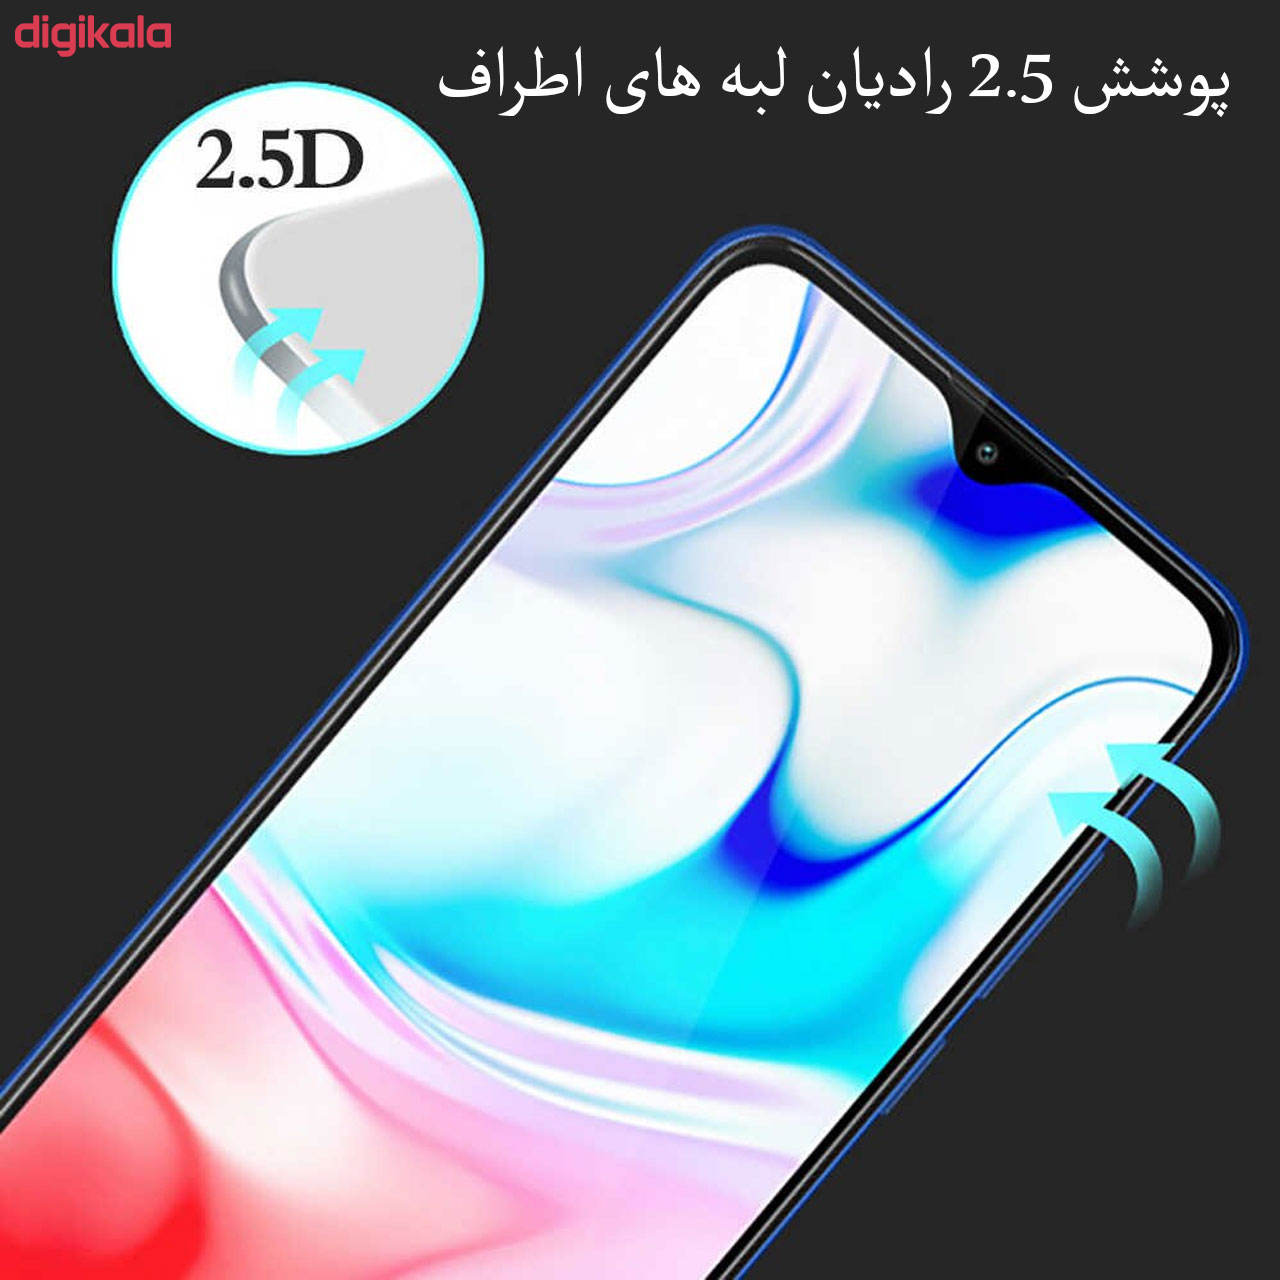 محافظ صفحه نمایش مدل FCG مناسب برای گوشی موبایل سامسونگ Galaxy M20 main 1 1